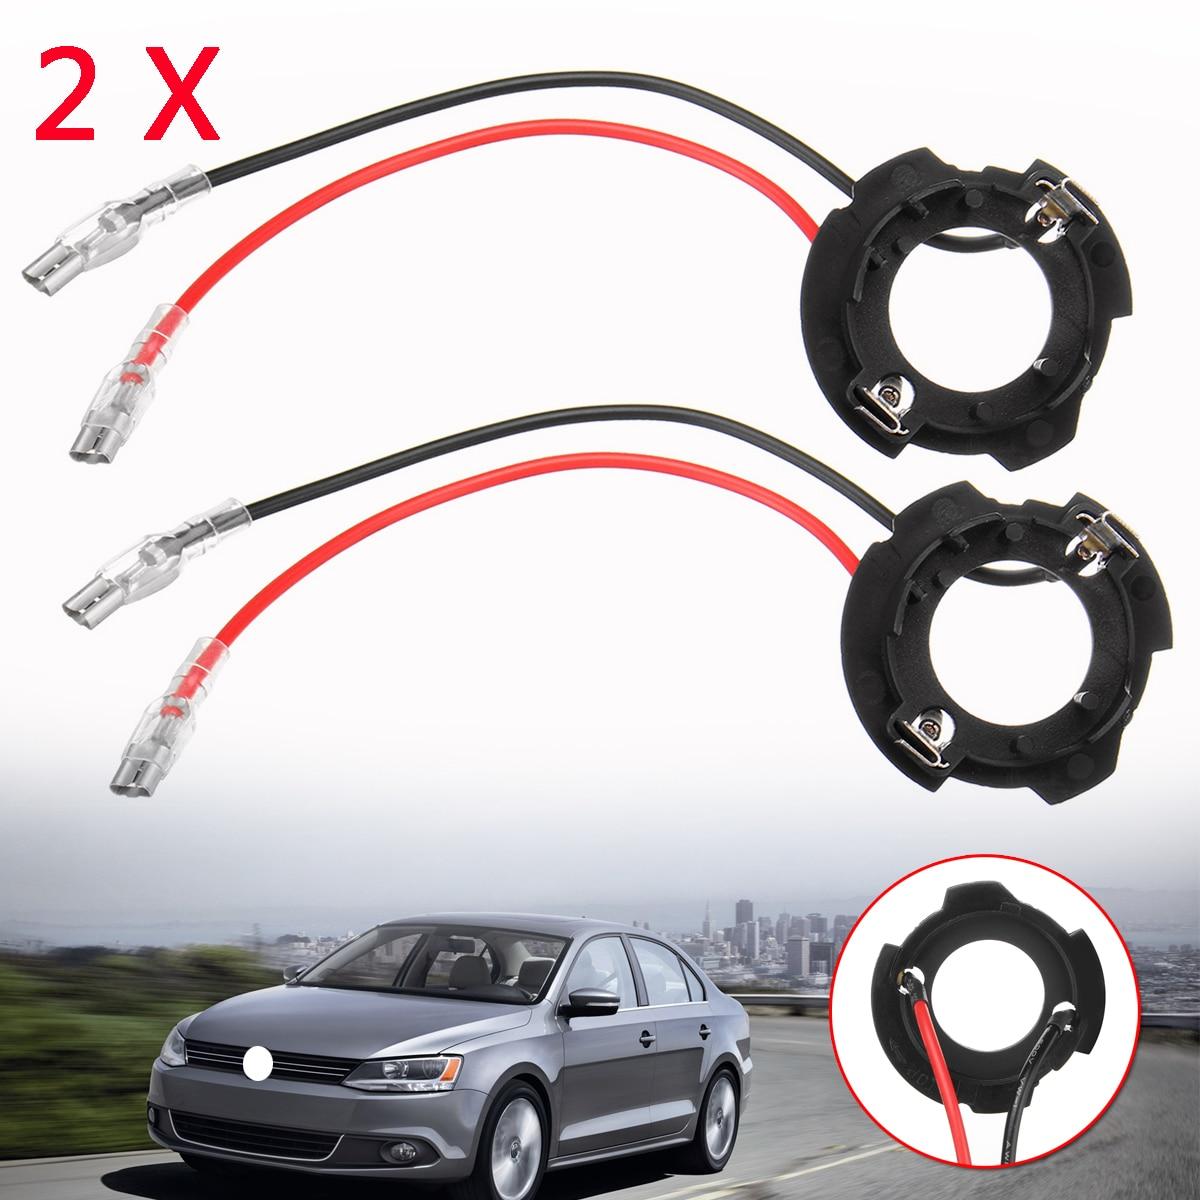 2x H7 LED Headlight Bulb Base Holder Retainer Headlamp Socket Adapter for Volkswagen for VW Golf 5 MK5 GTI Jetta